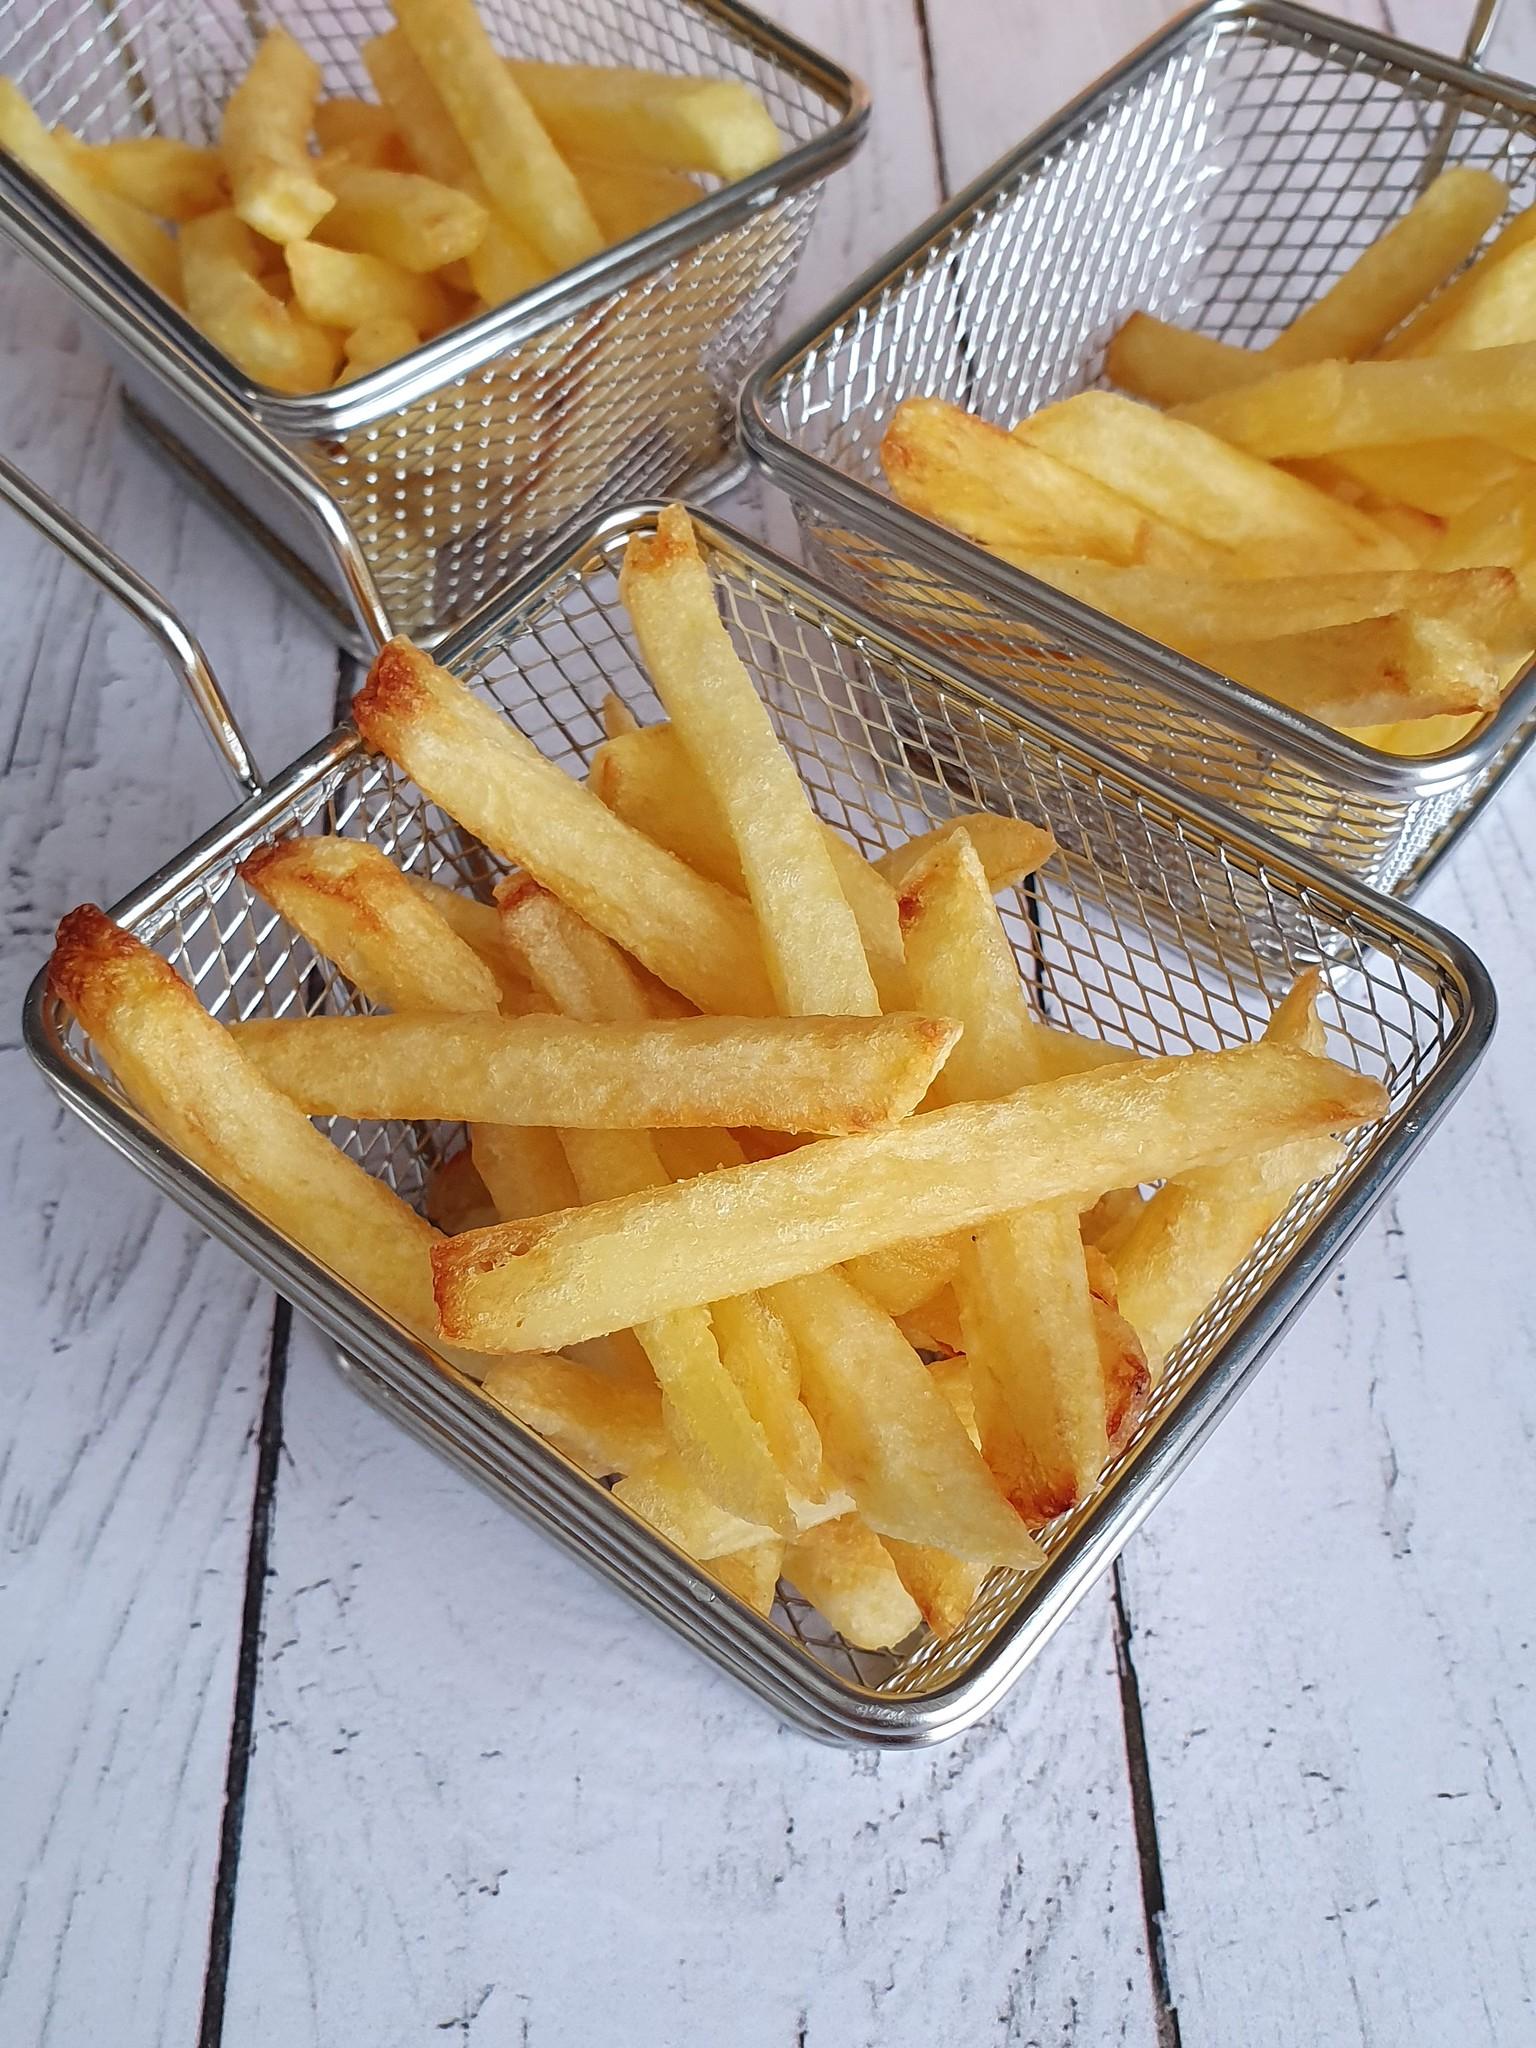 Comment Faire Des Frites Croustillantes : comment, faire, frites, croustillantes, Comment, Faire, Frites, Belges, Audrey, Cuisine